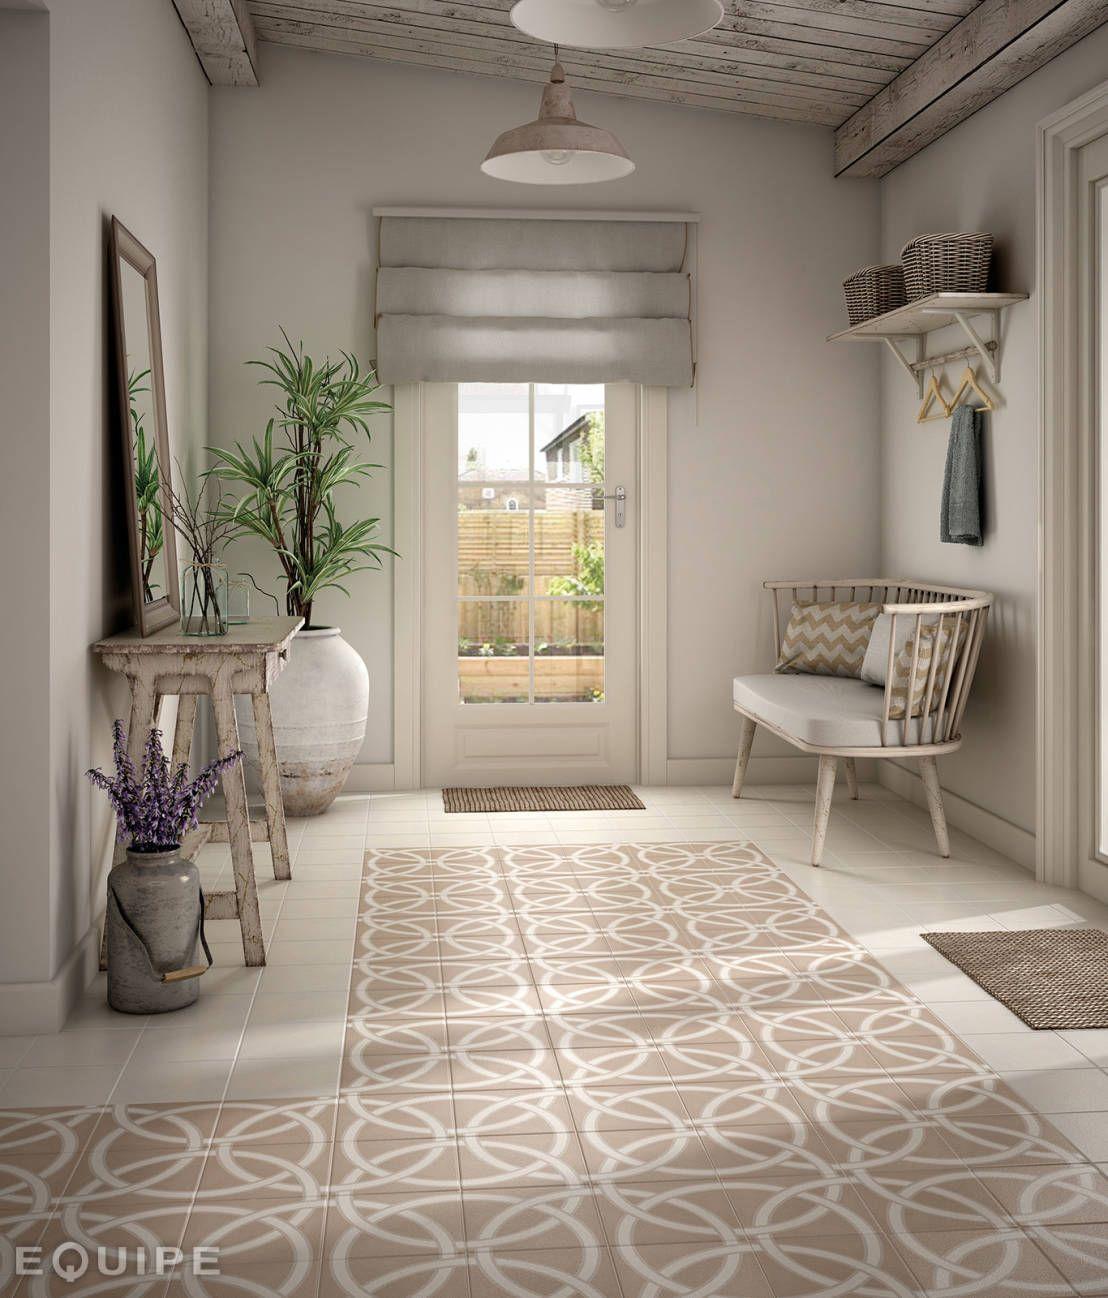 Außergewöhnliche Bilder Ideen 6 außergewöhnliche ideen für einen kleinen flur small hallways and